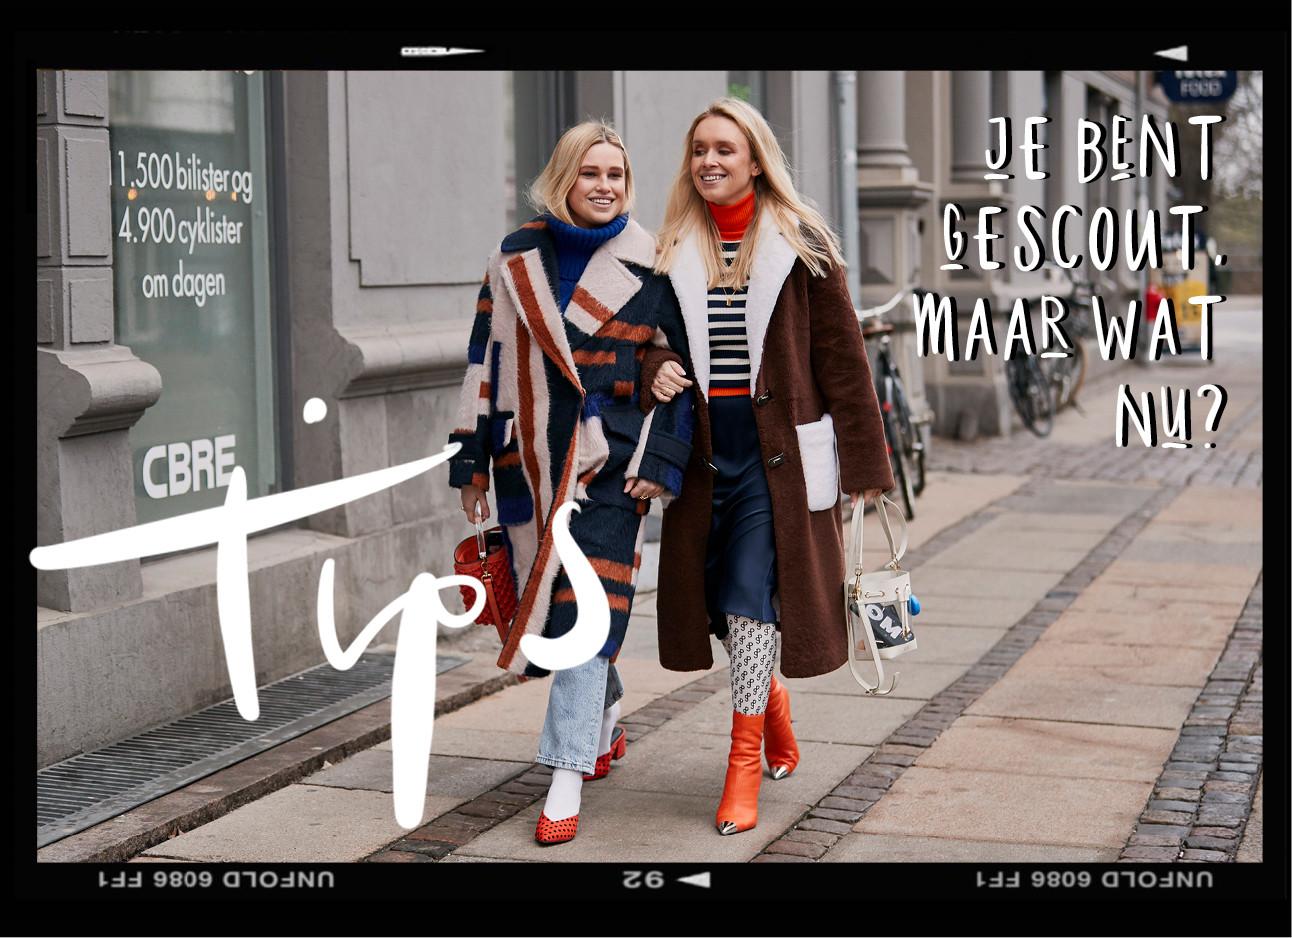 streetstyle beeld van 2 vrouwen die samen in gesprek zijn